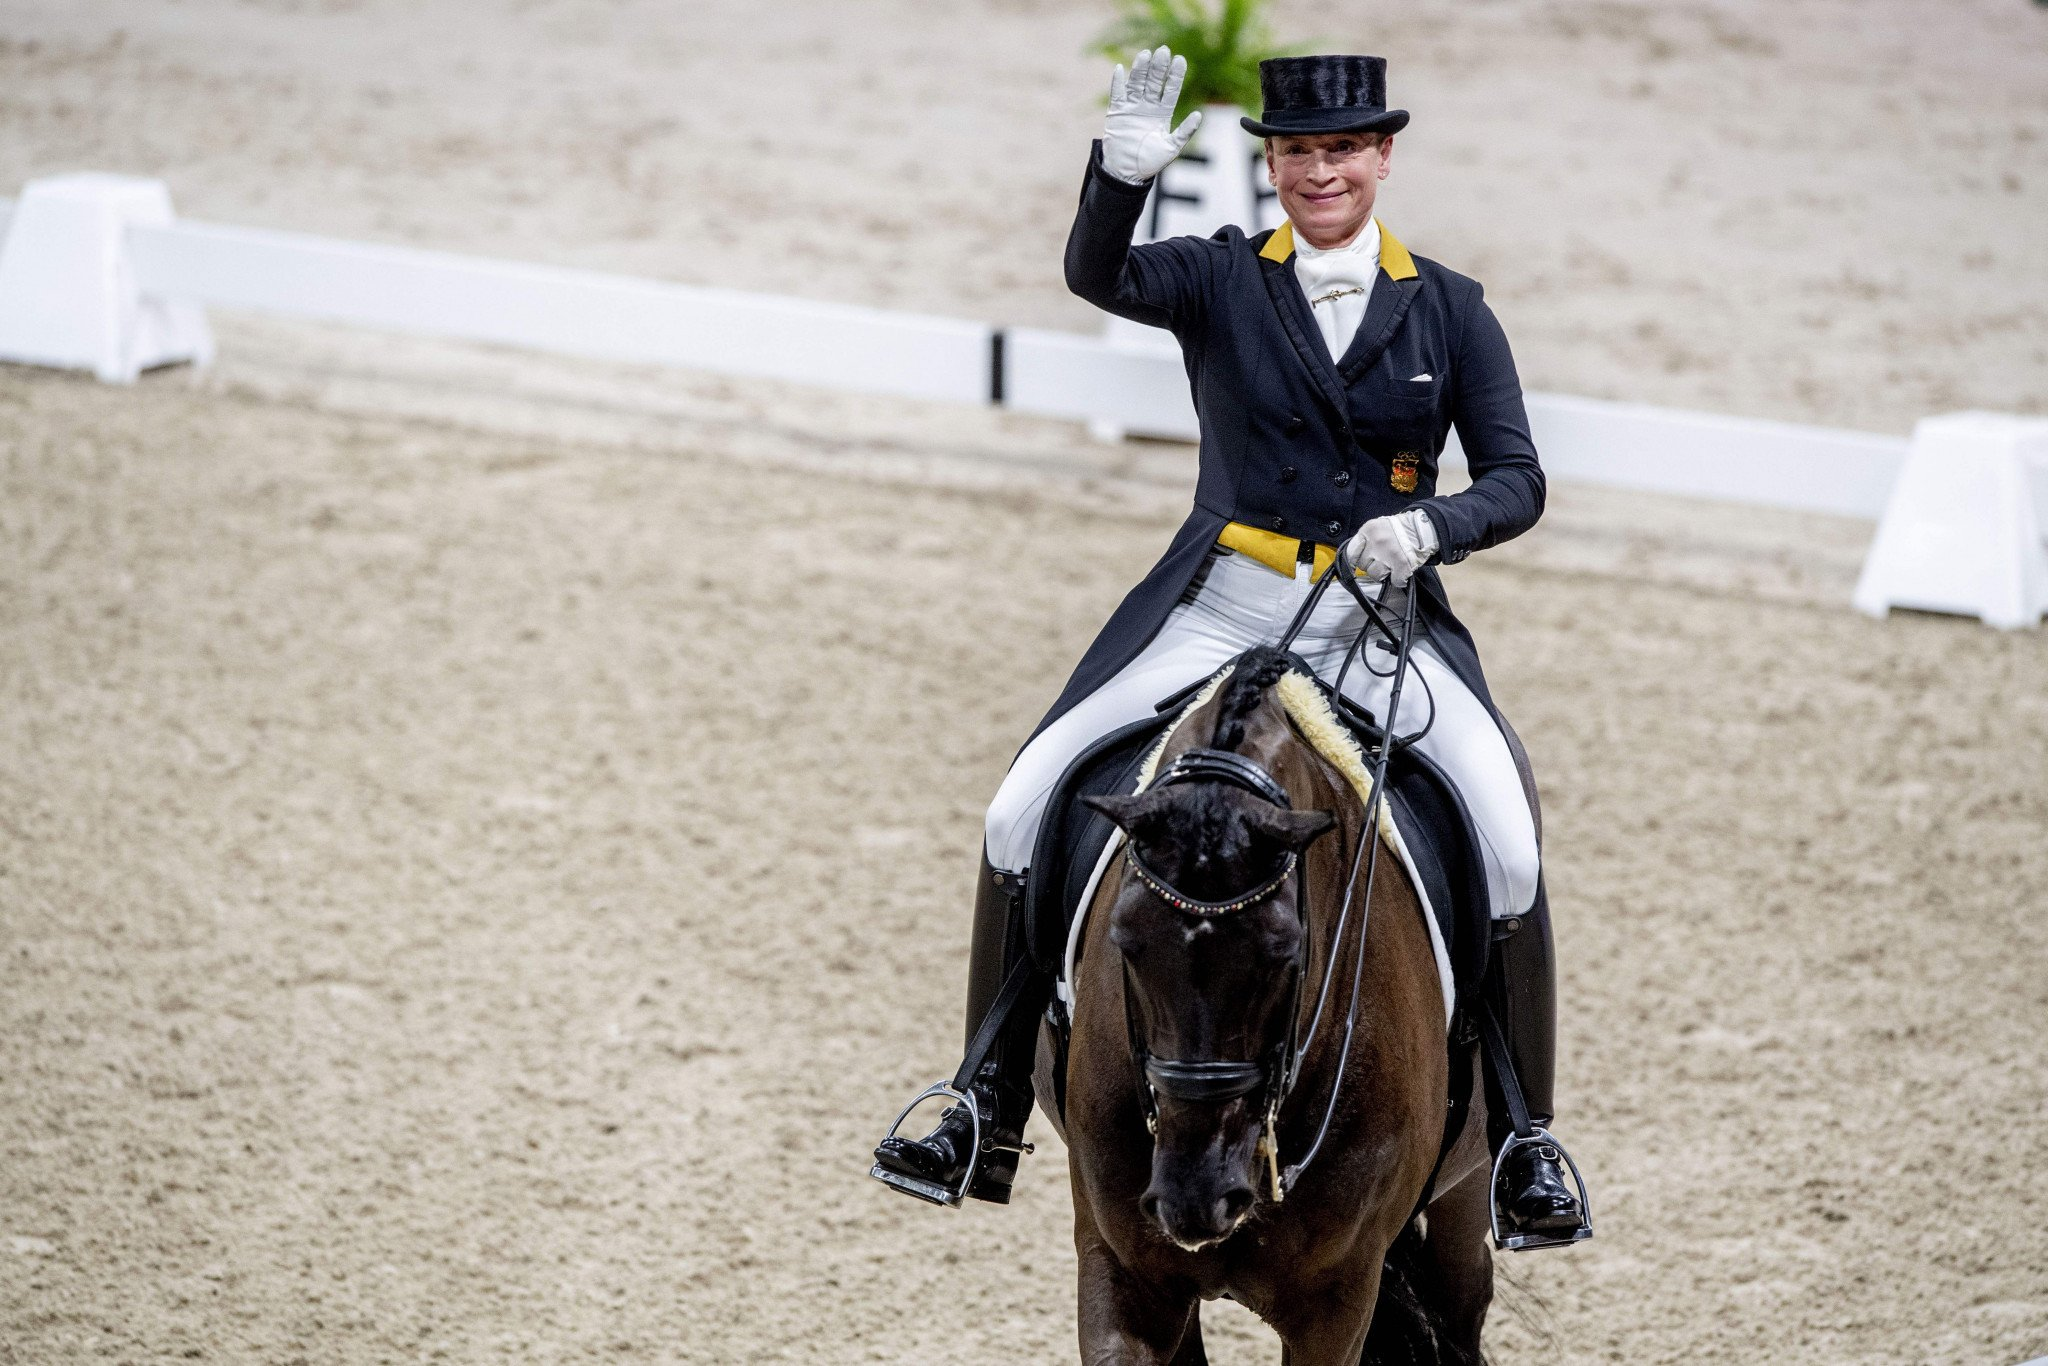 Reigning champion Werth to headline FEI Dressage World Cup qualifier in Salzburg